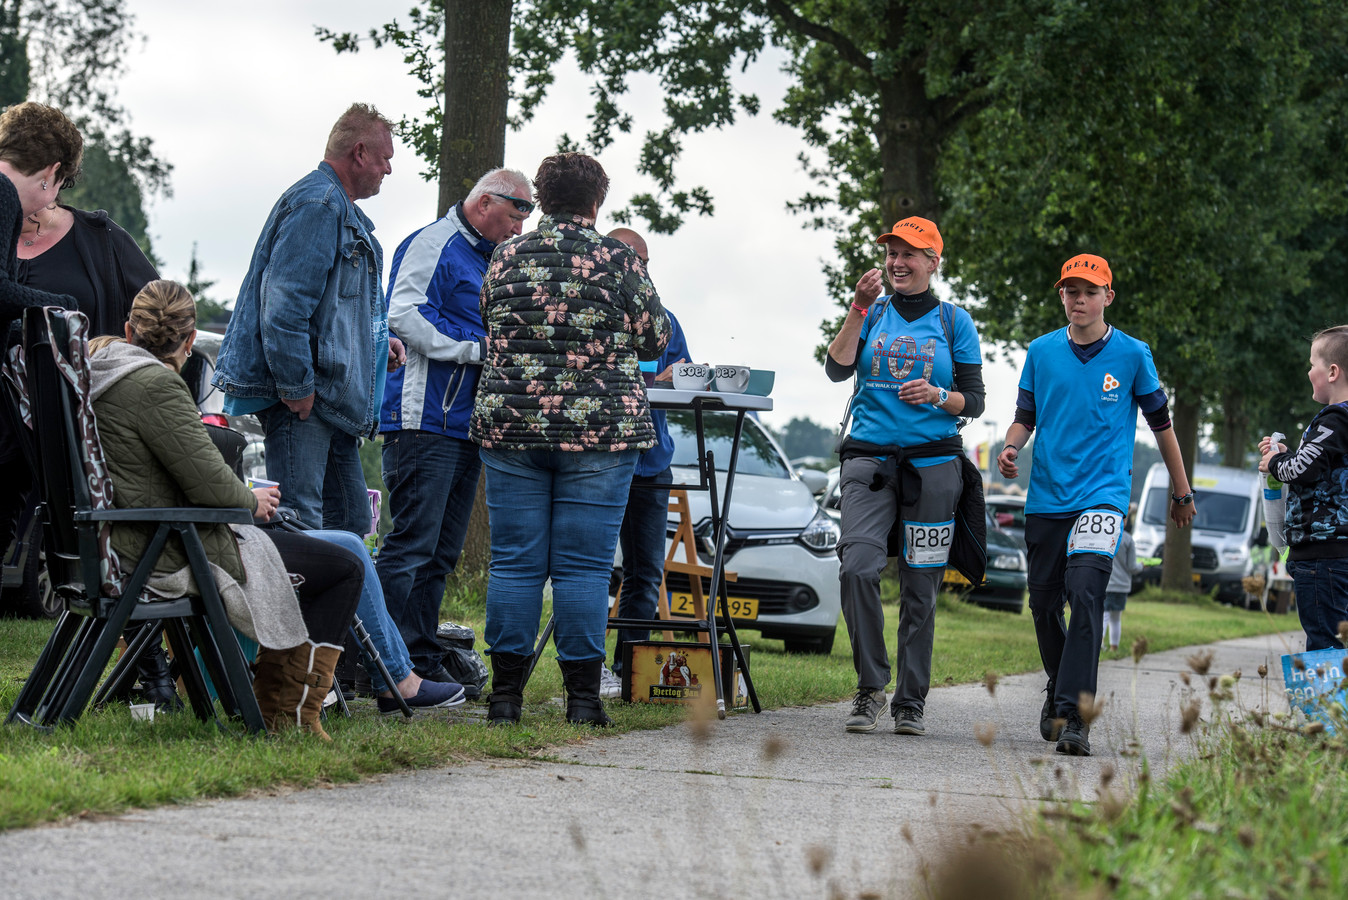 Wandelaars in actie tijdens de 80 van de Langstraat in Waalwijk.